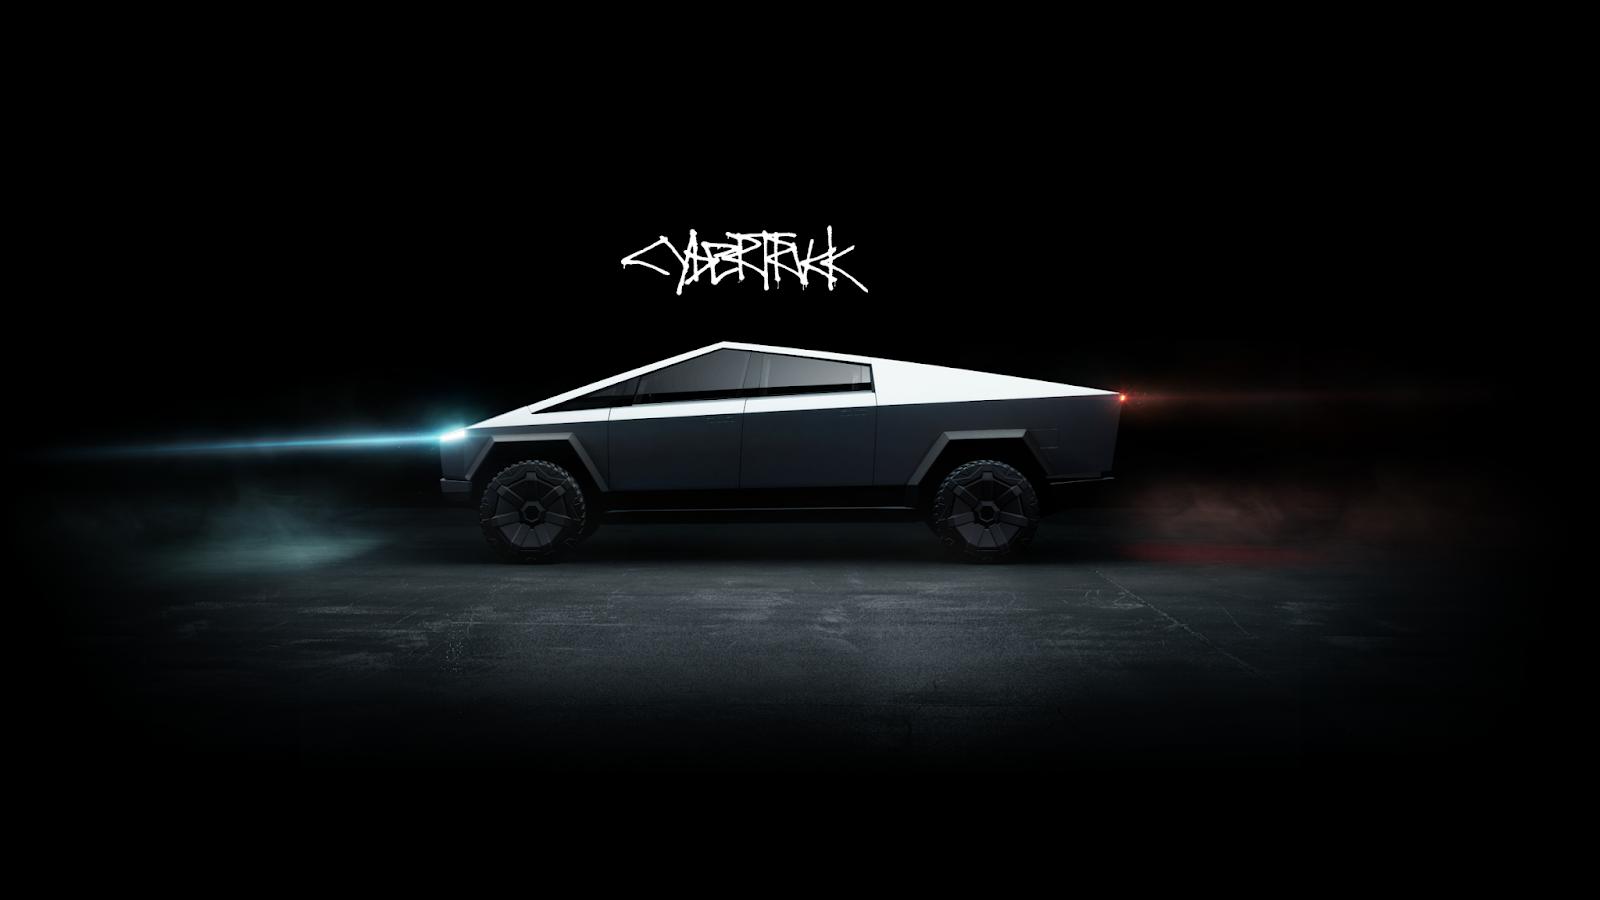 Ein Elektroauto wie aus einer fernen Zukunft | Der Tesla Cybertruck kommt